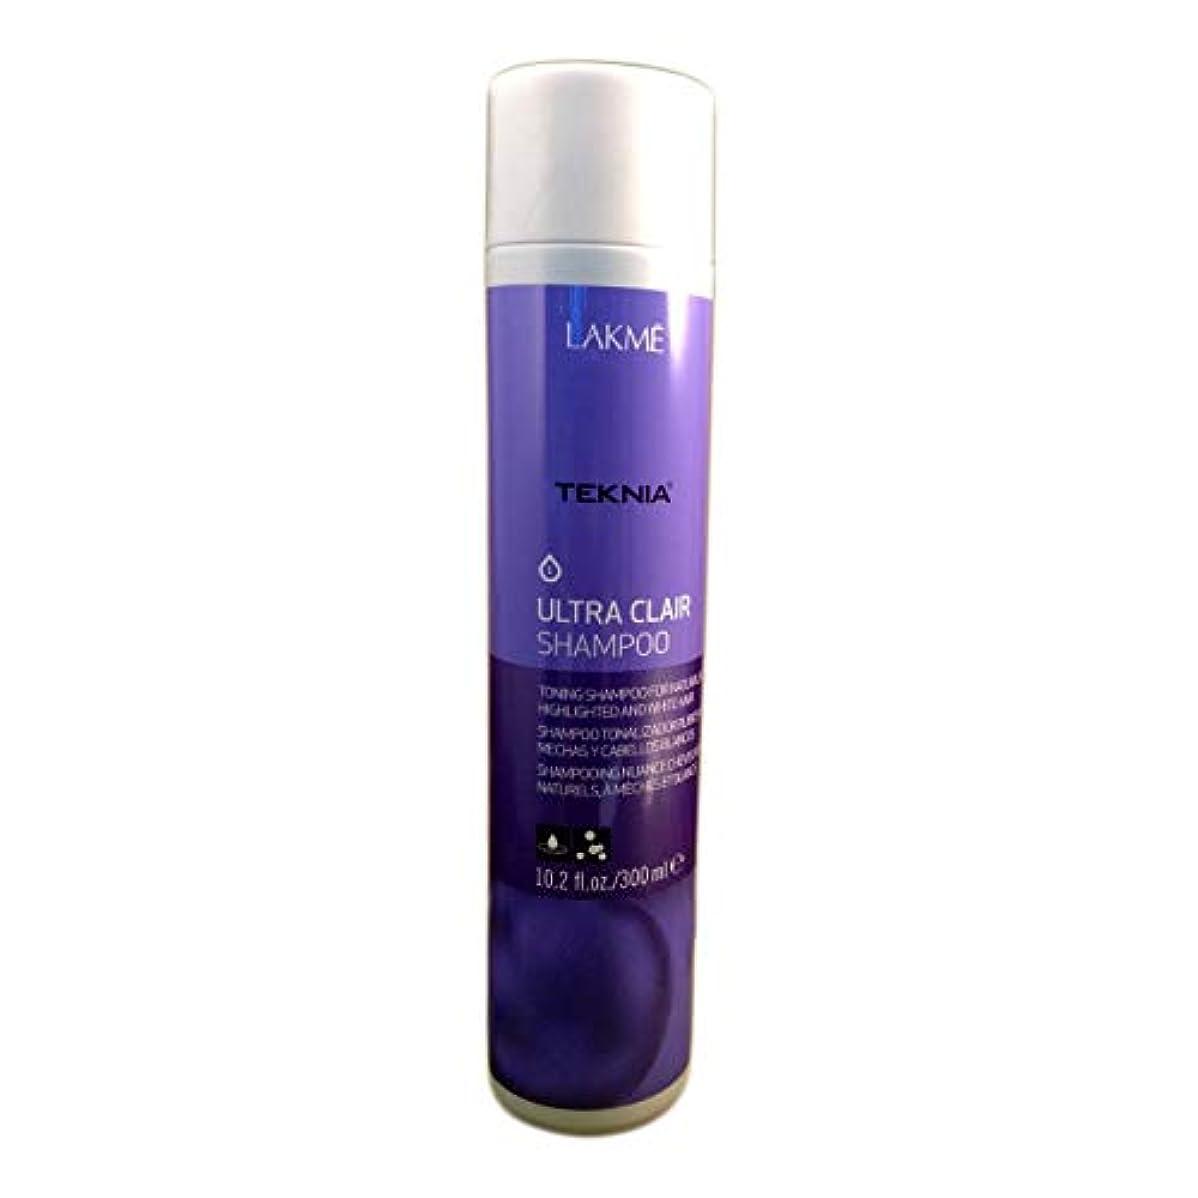 盲信サーカス力強いLakme Teknia Ultra Clair Shampoo 10.2 Oz (300ml)